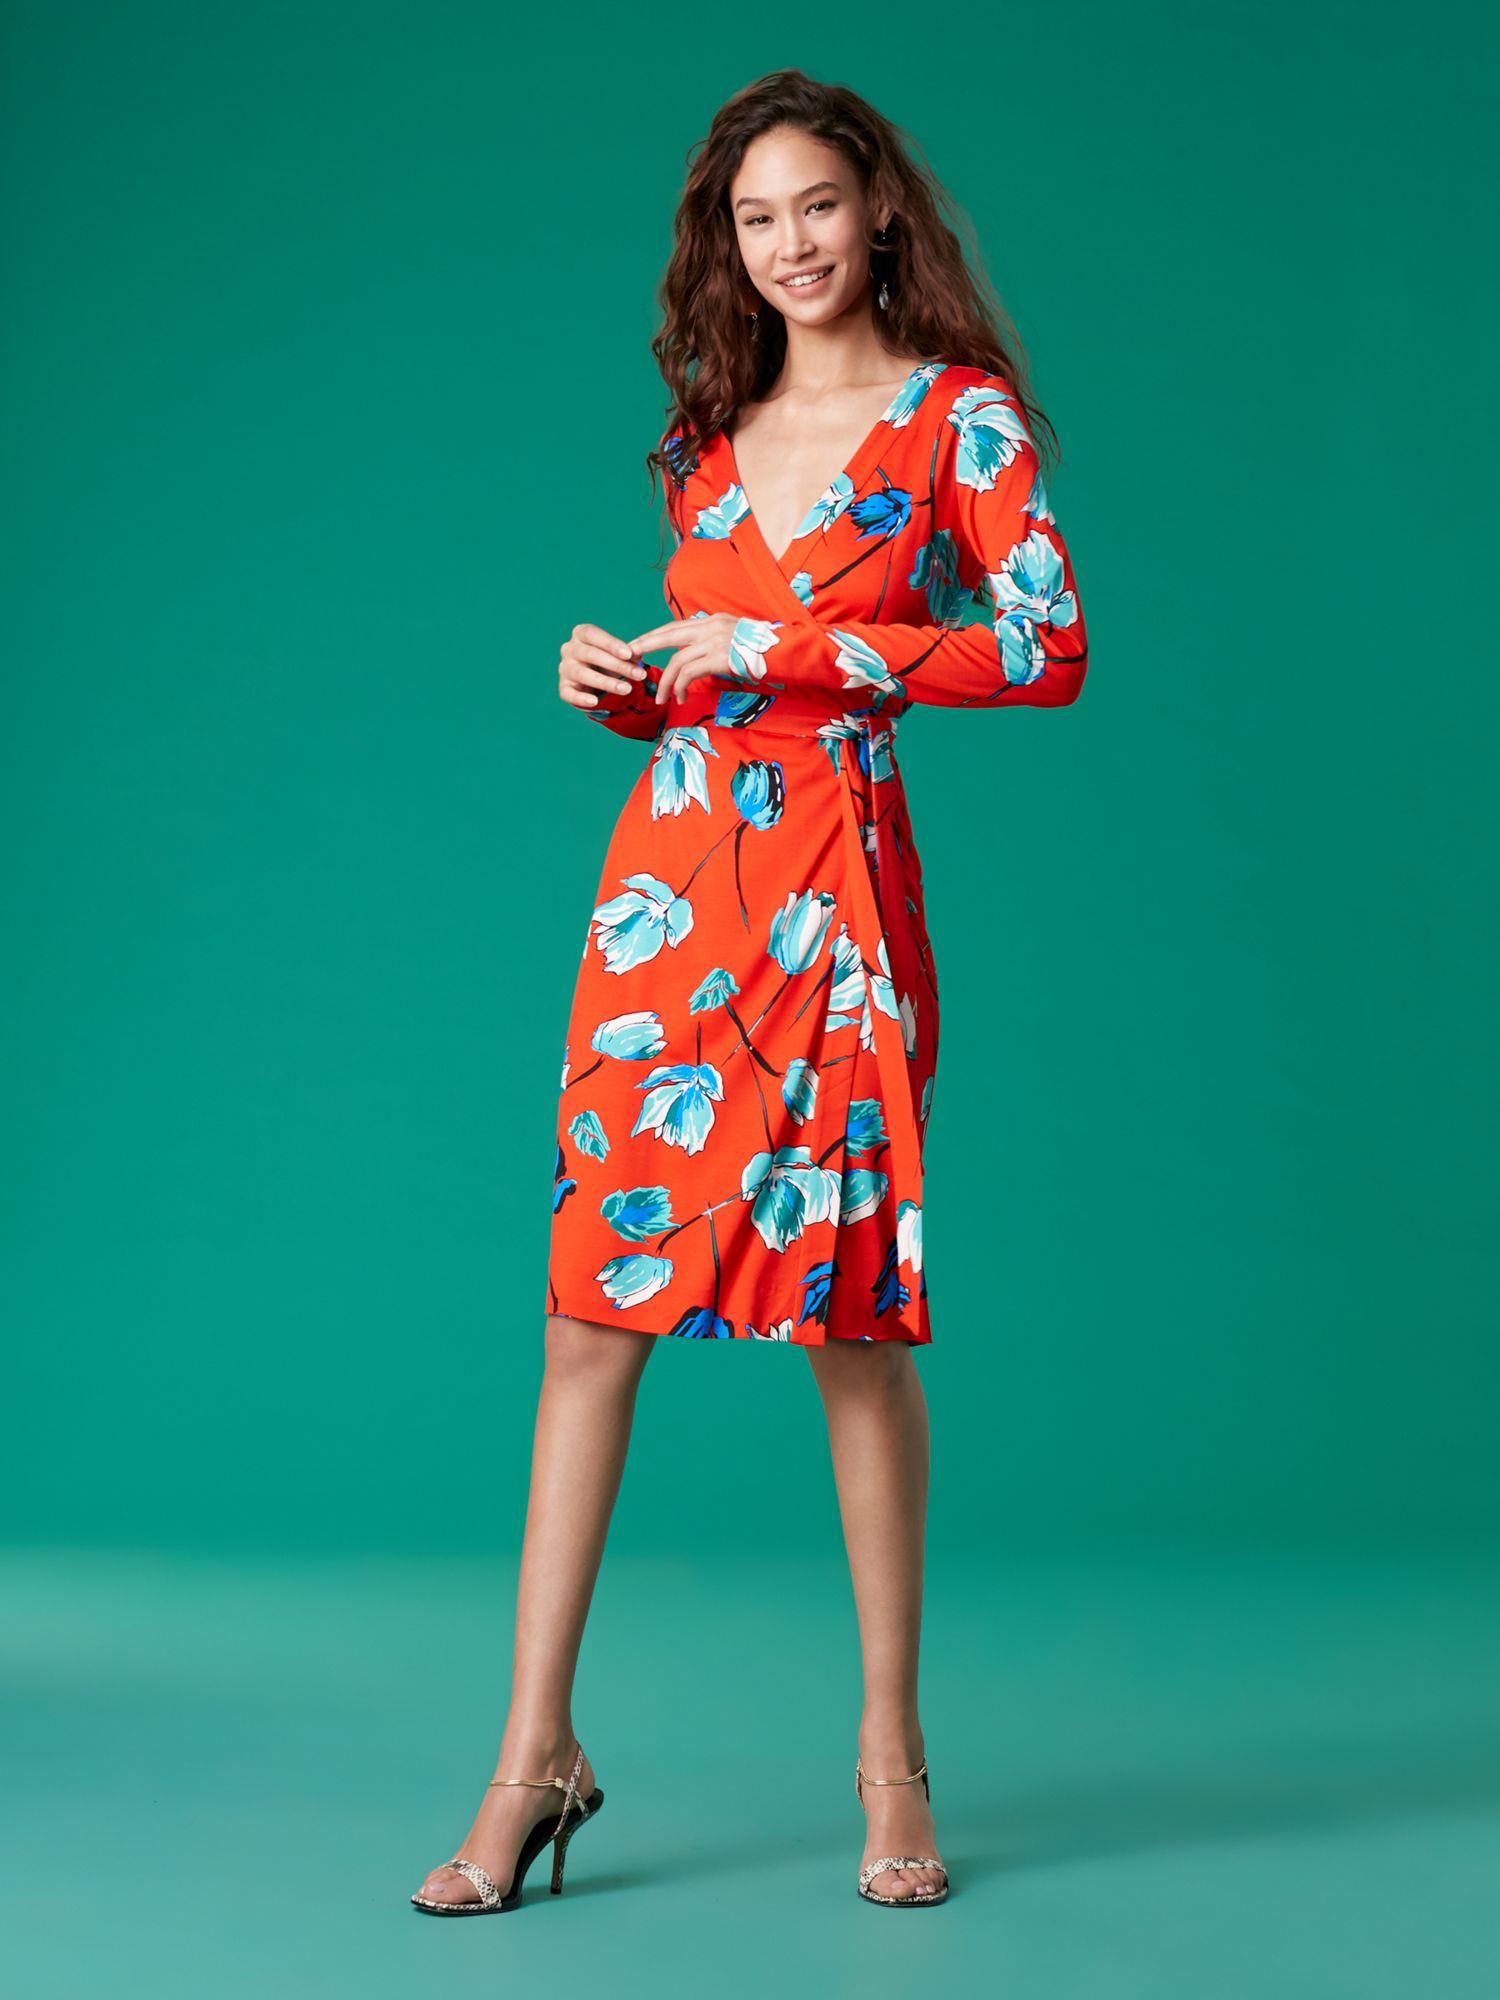 796d39783b5 Diane Von Furstenberg Dvf Julian Banded Silk Jersey Wrap Dress - Asher  Vermillion 10